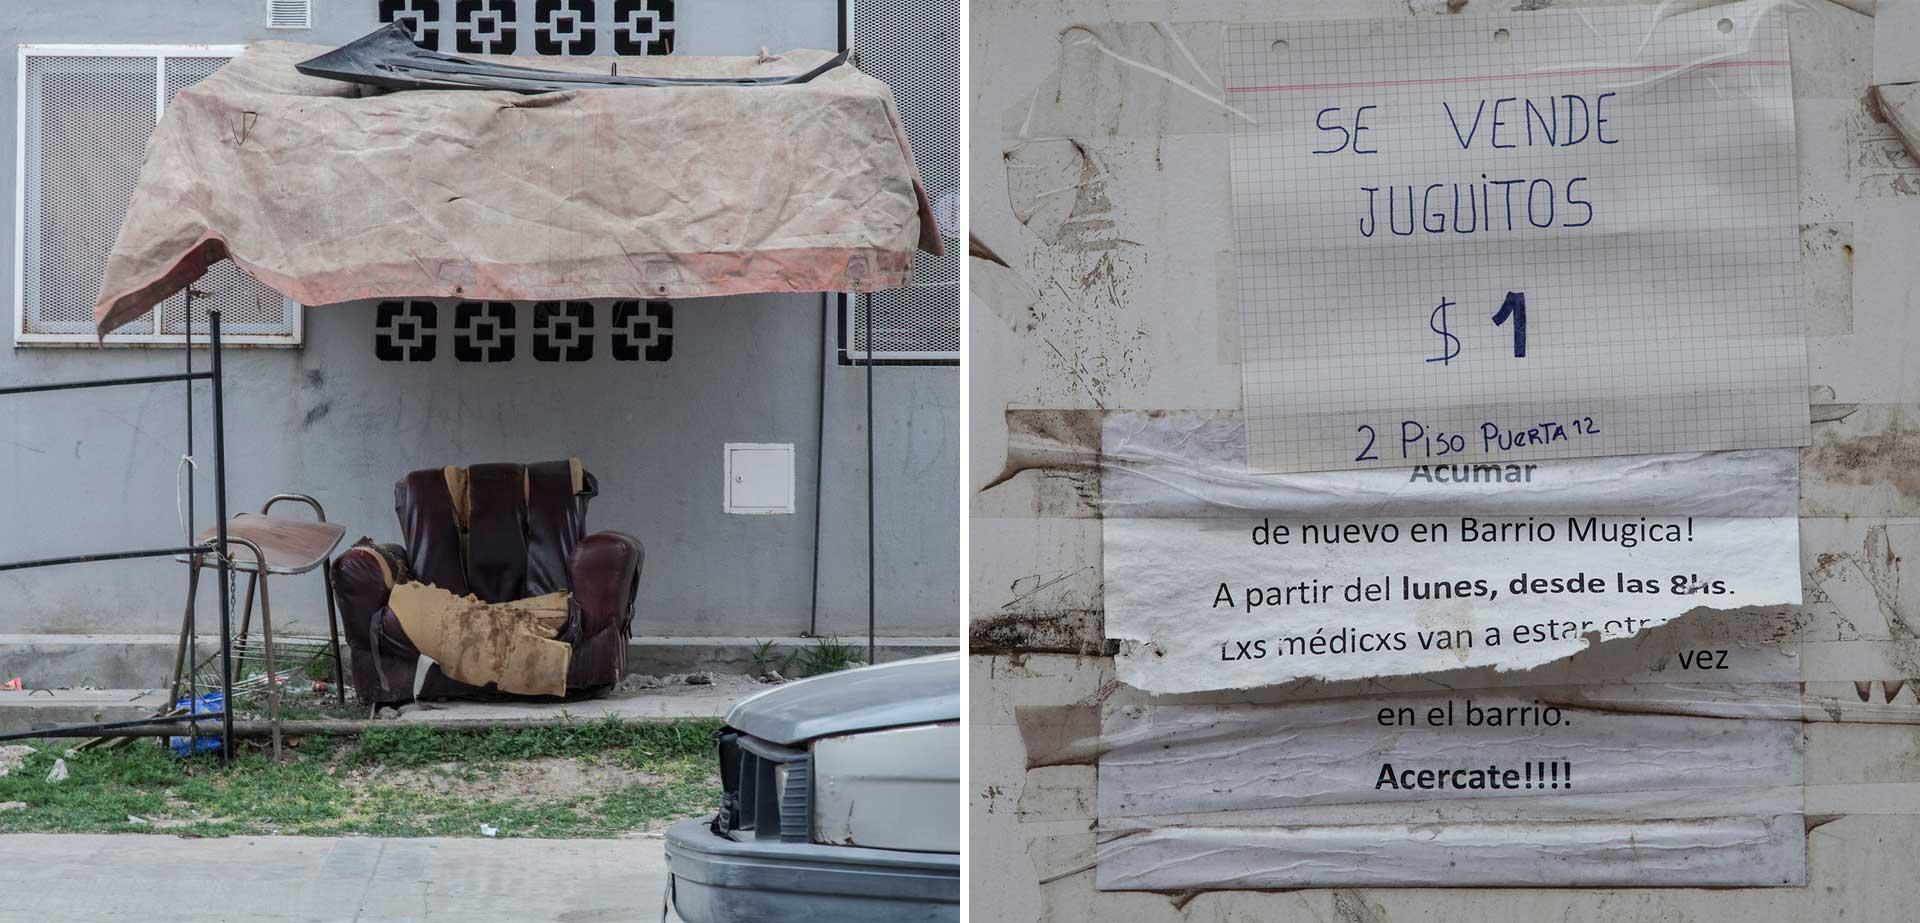 Relocalizacion_riachuelo_4_caja